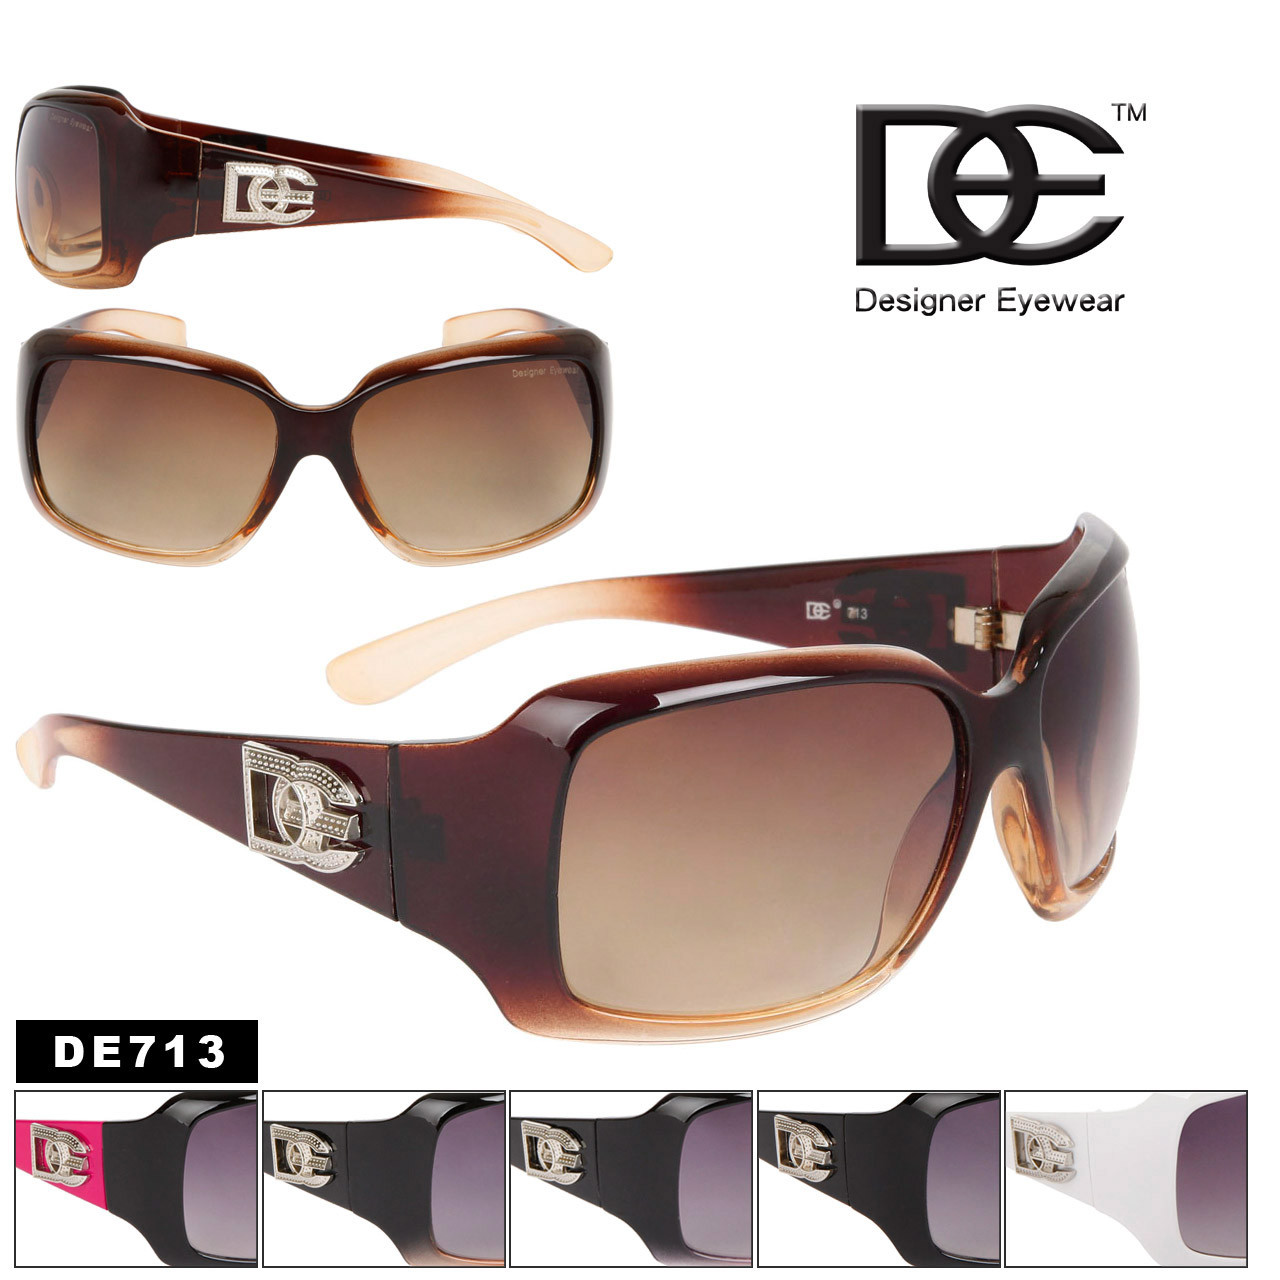 Women's Wholesale Sunglasses DE713